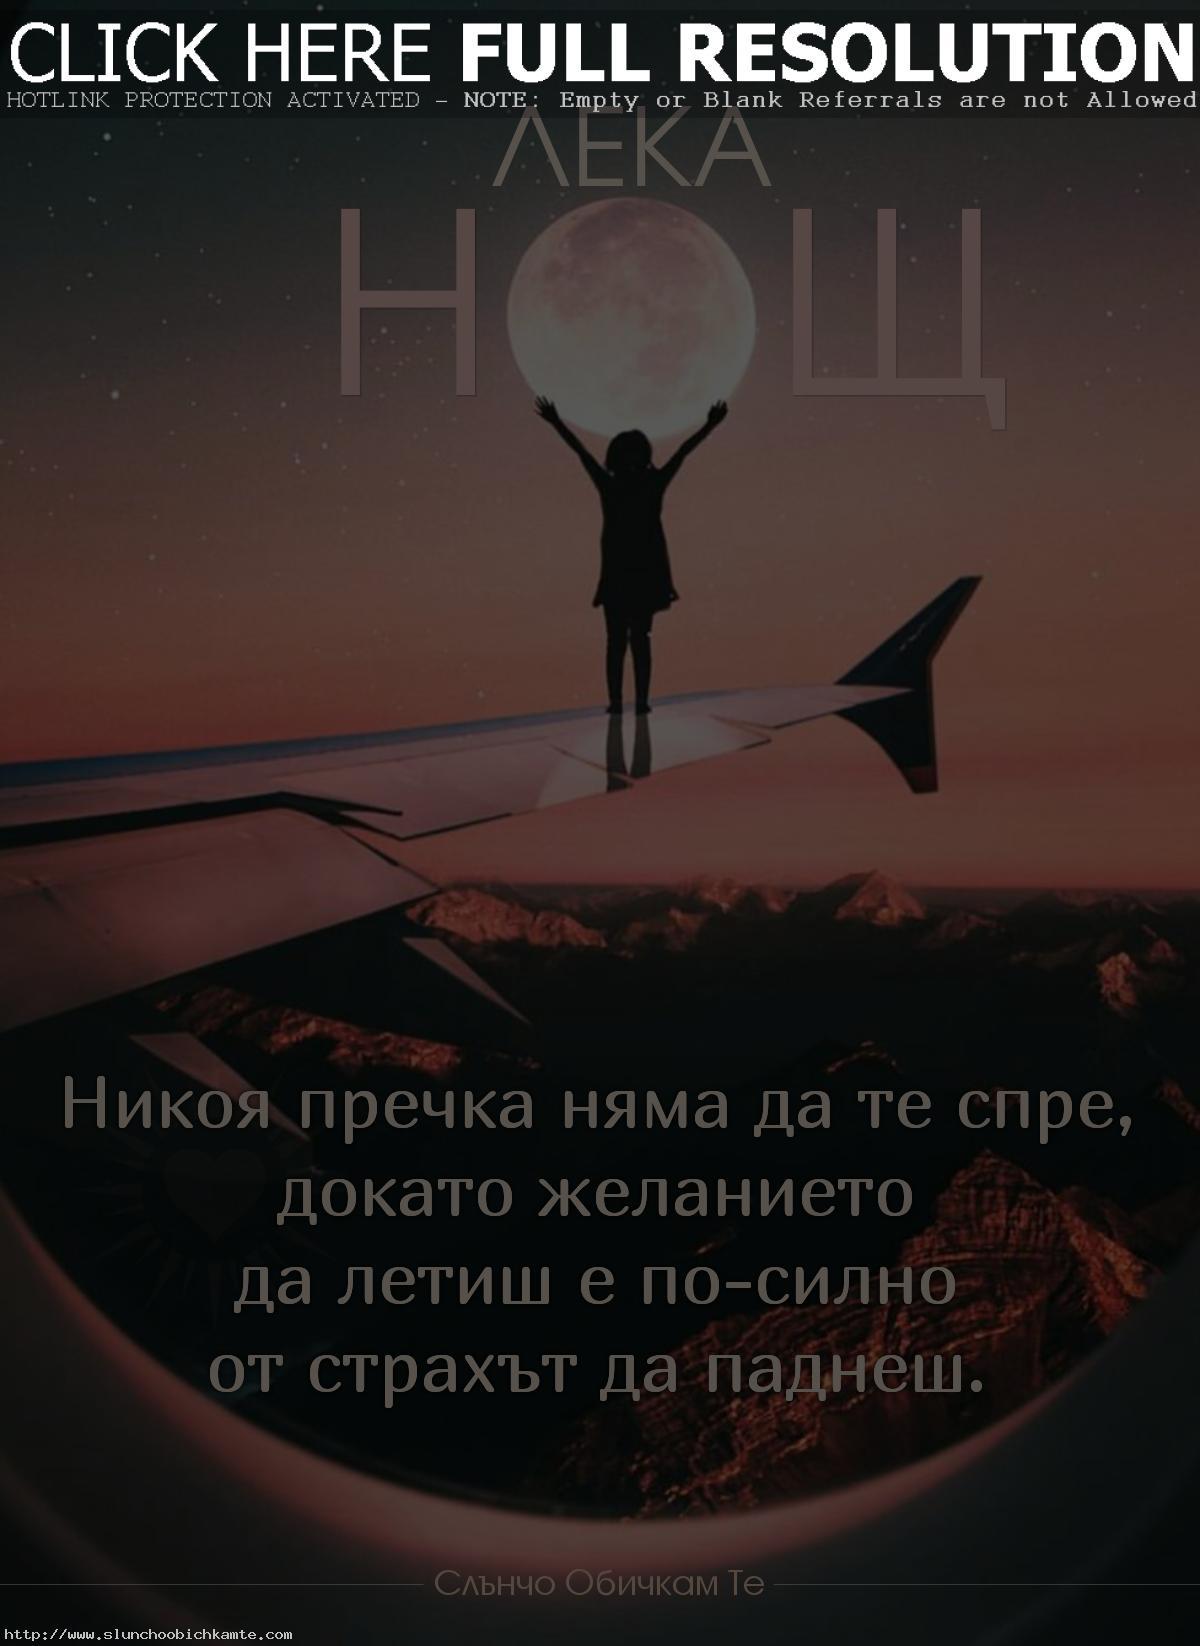 Лека нощ! Никоя пречка няма да те спре, докато желанието да летиш е по-силно от страха да паднеш. - Пожелания за лека нощ, любов от разстояние, позитивни мисли, мъдри мисли, любовни мисли, любовни статуси, любовни фрази, любовни цитати